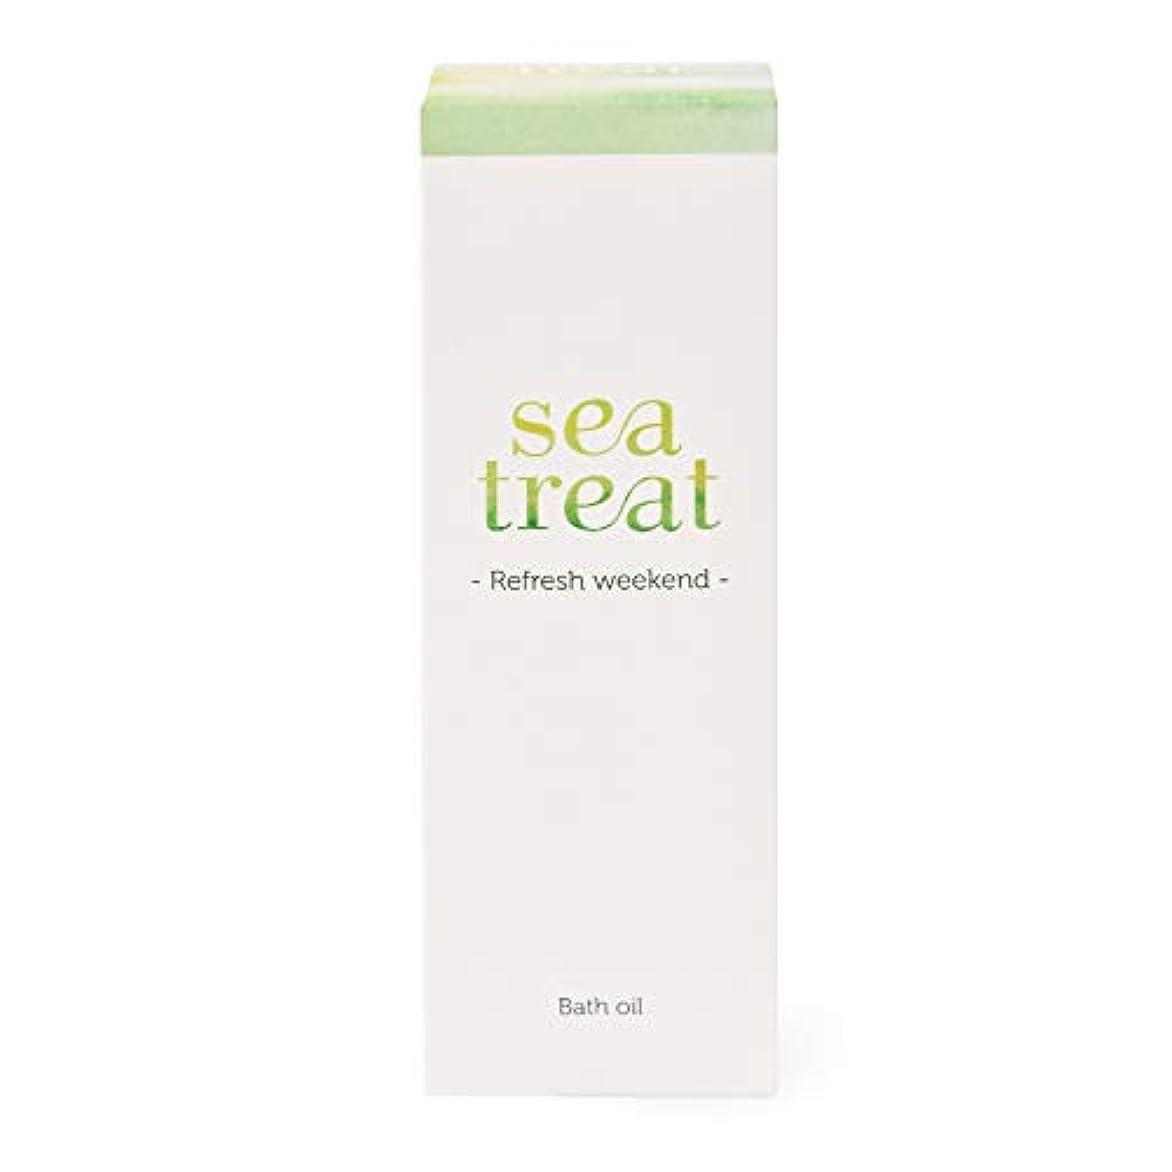 解釈的アマゾンジャングル受け入れたsea treat バスオイル 入浴剤 -Refresh weekend-